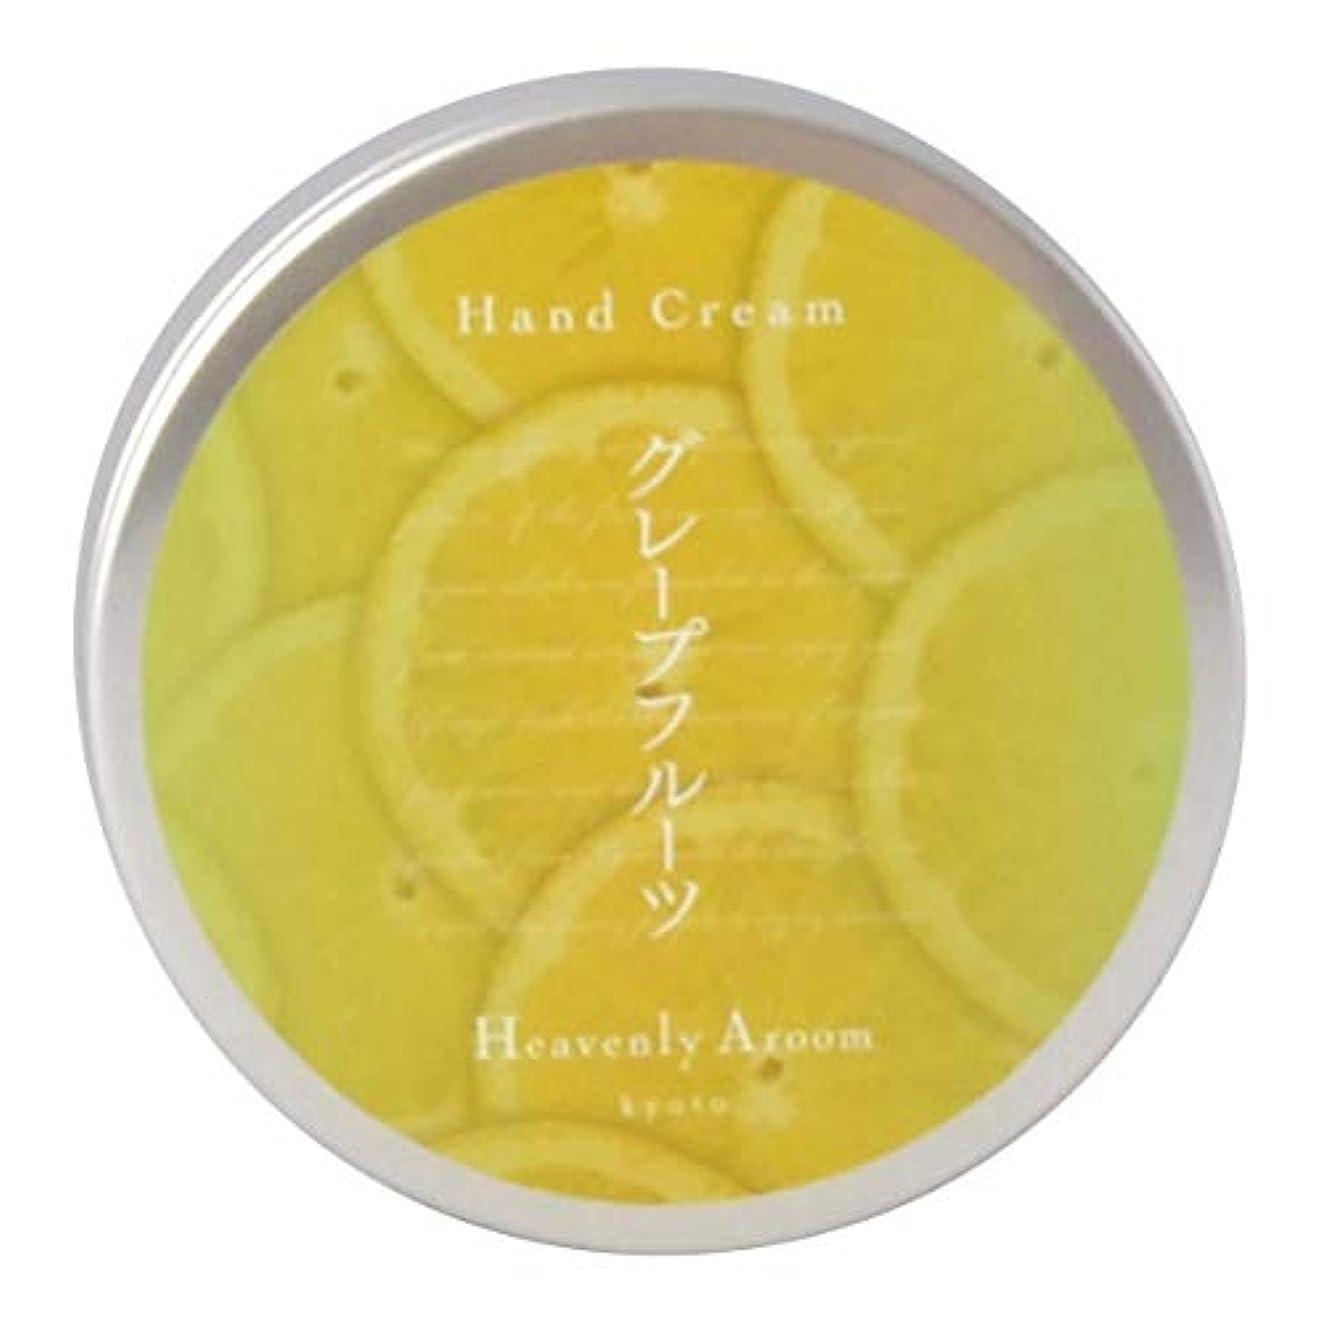 梨小さい人類Heavenly Aroom ハンドクリーム グレープフルーツ 30g